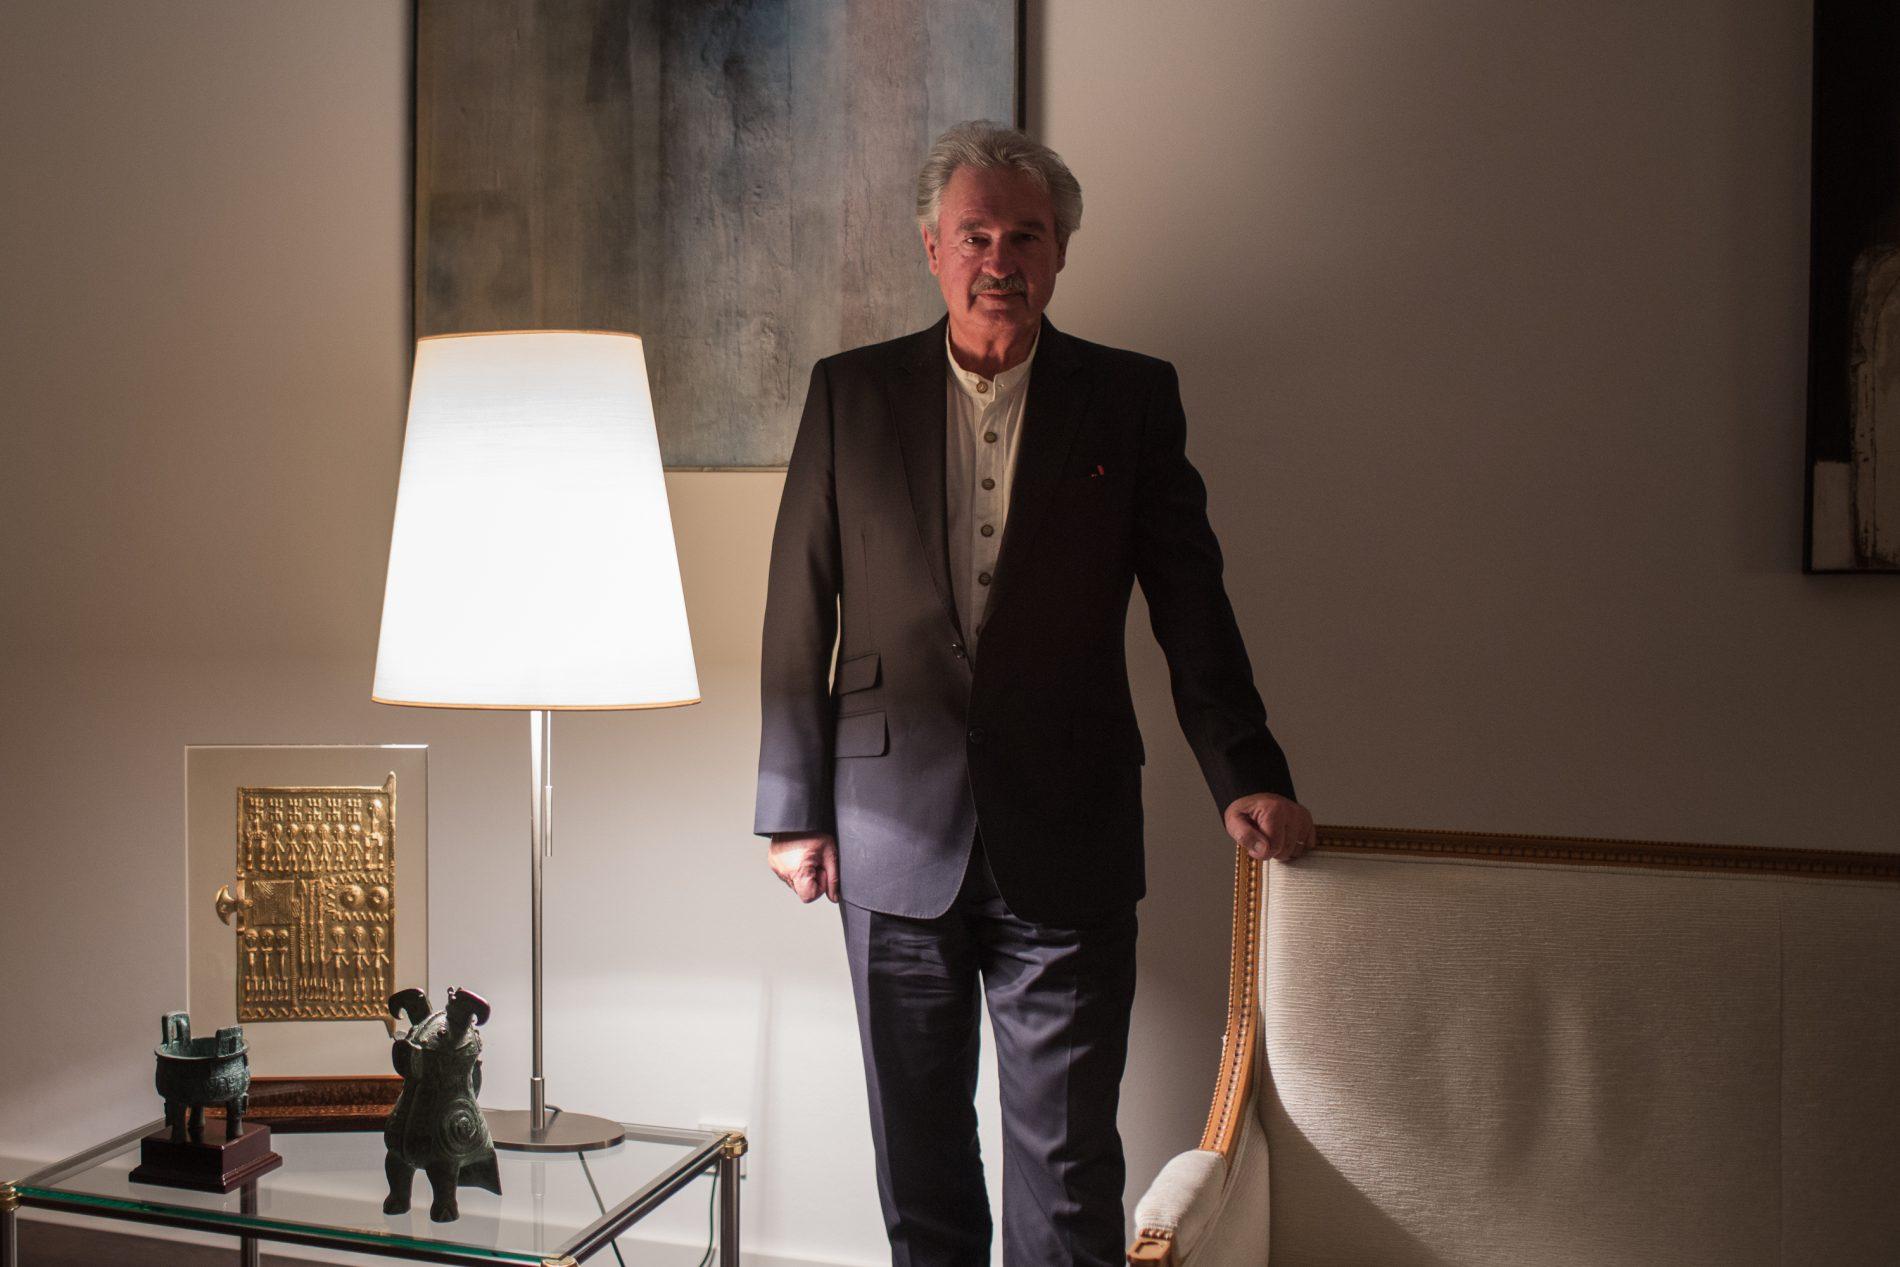 Jean Asselborn im Porträt: Der Außenseiter - REPORTER